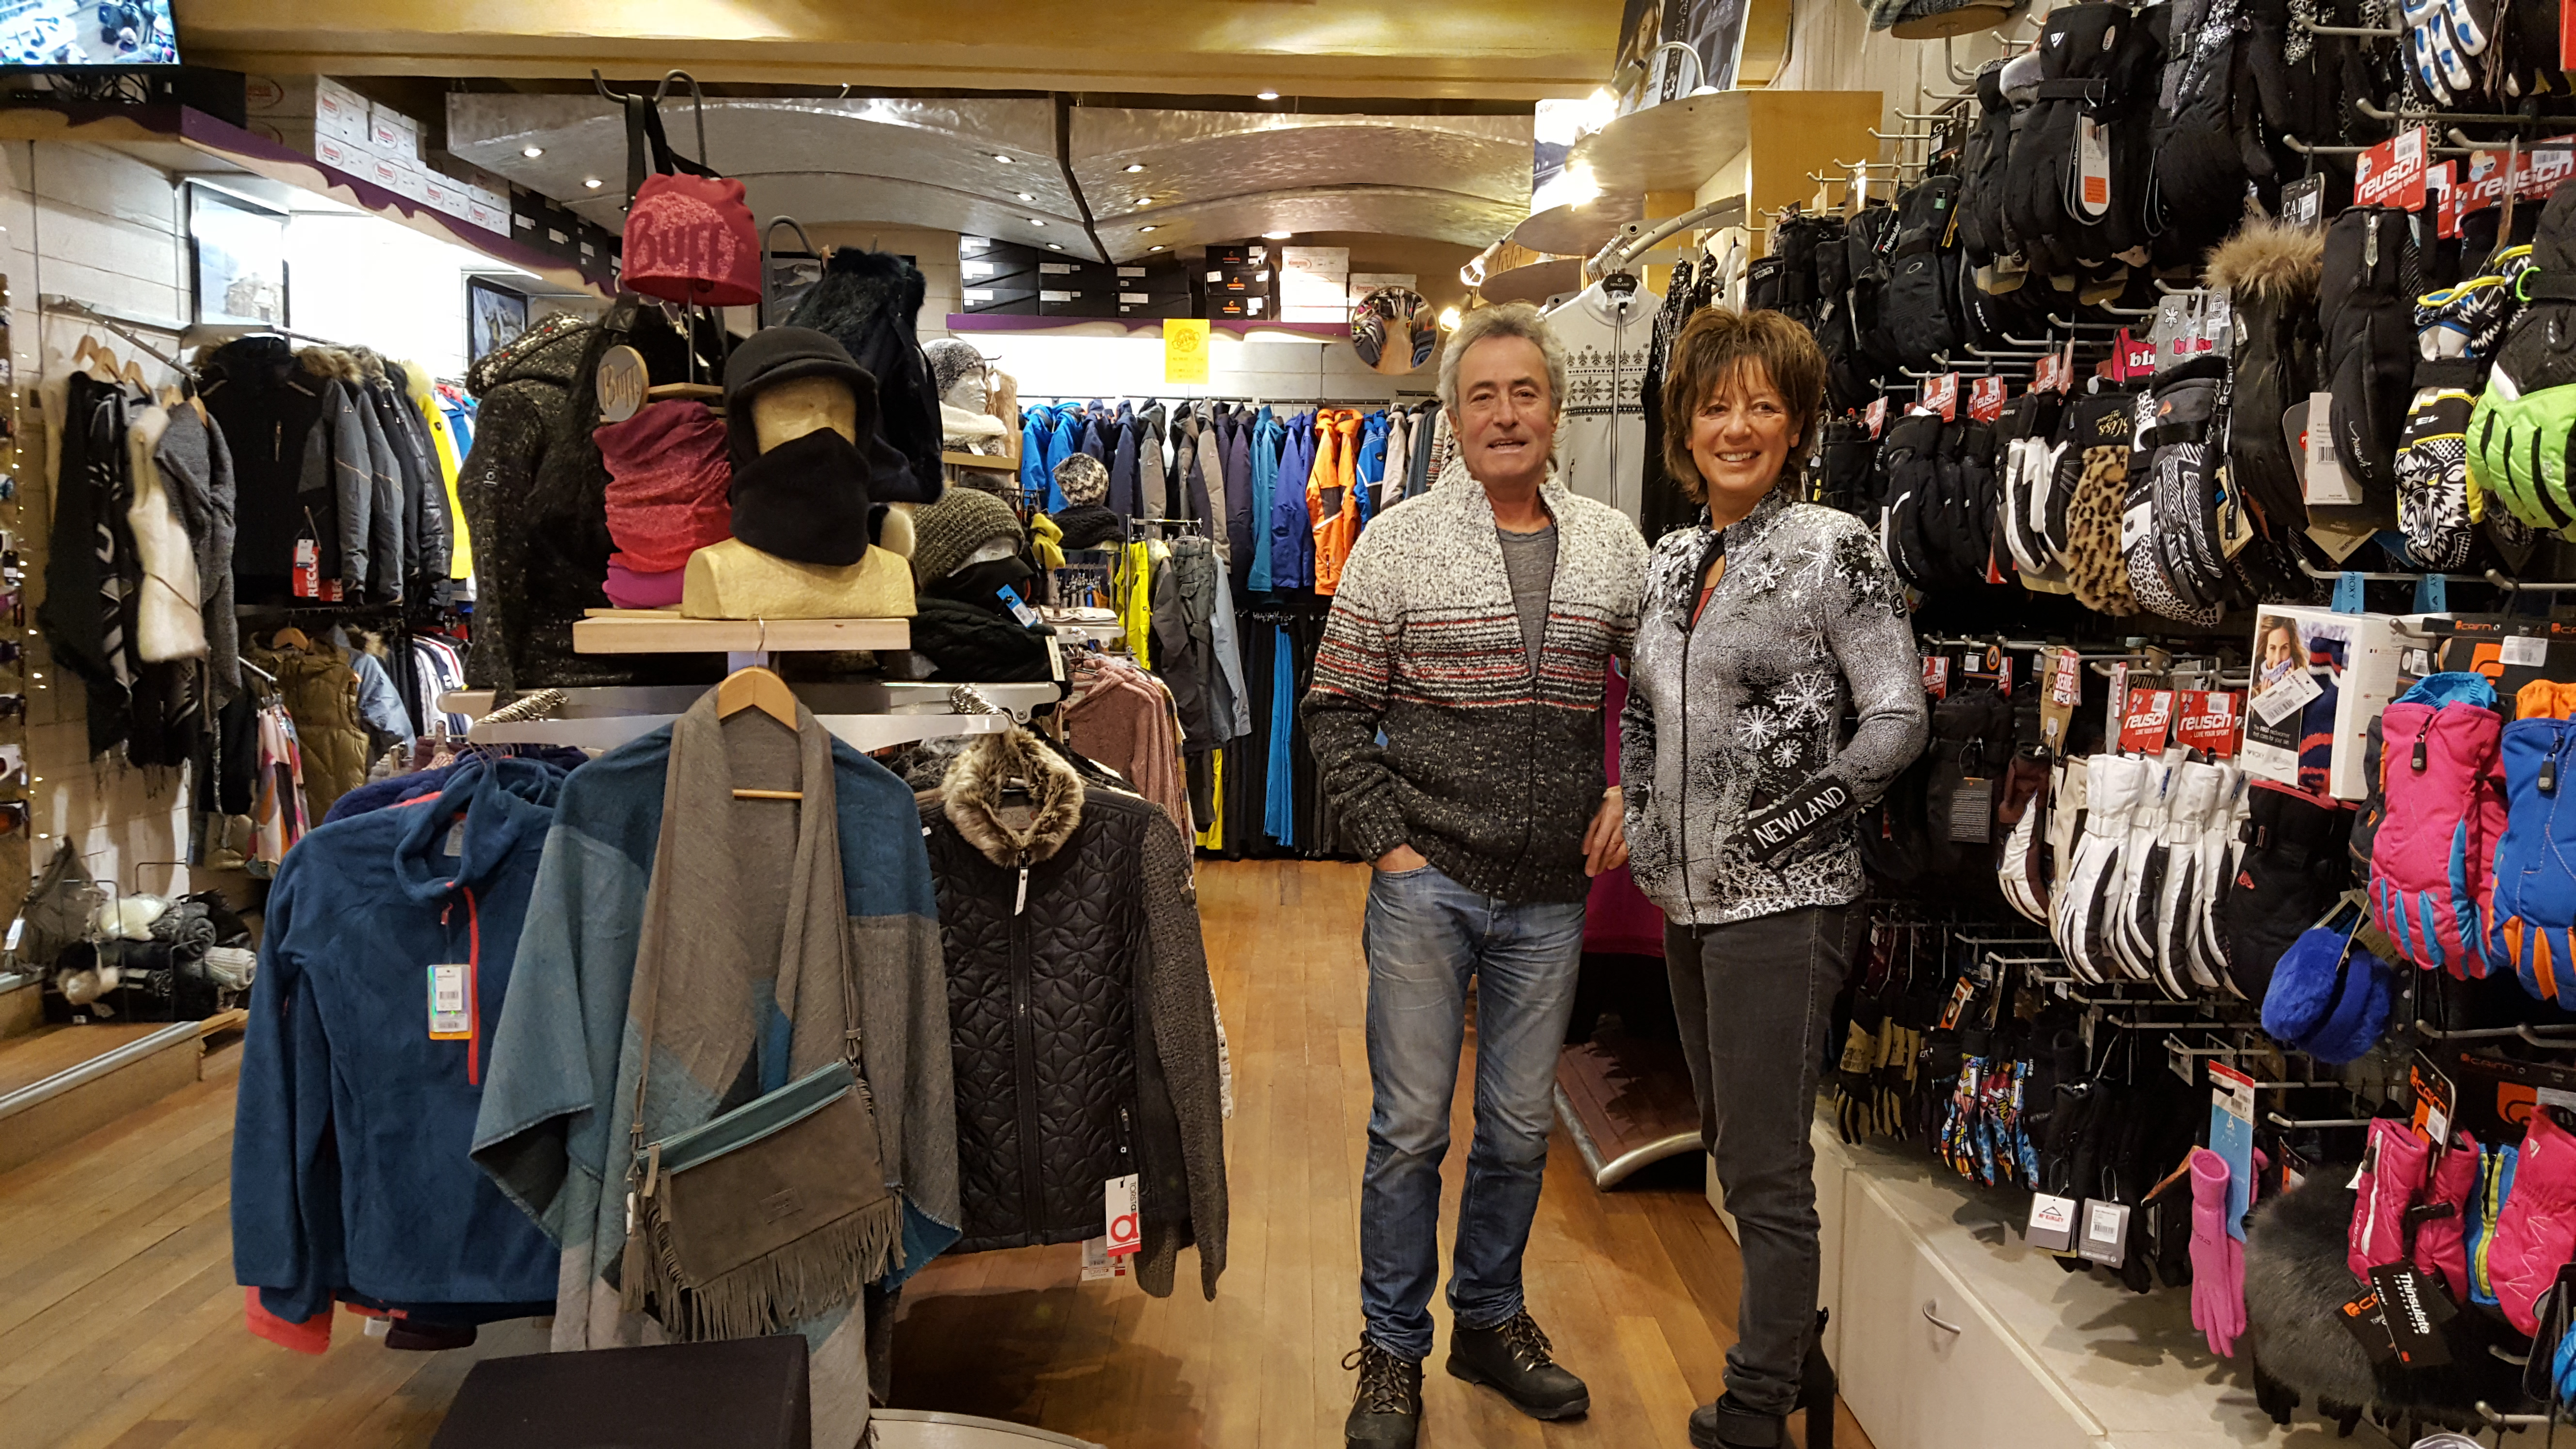 Bruno et Brigitte, gérant du magasin Intersport à Barèges dans les Pyrénées